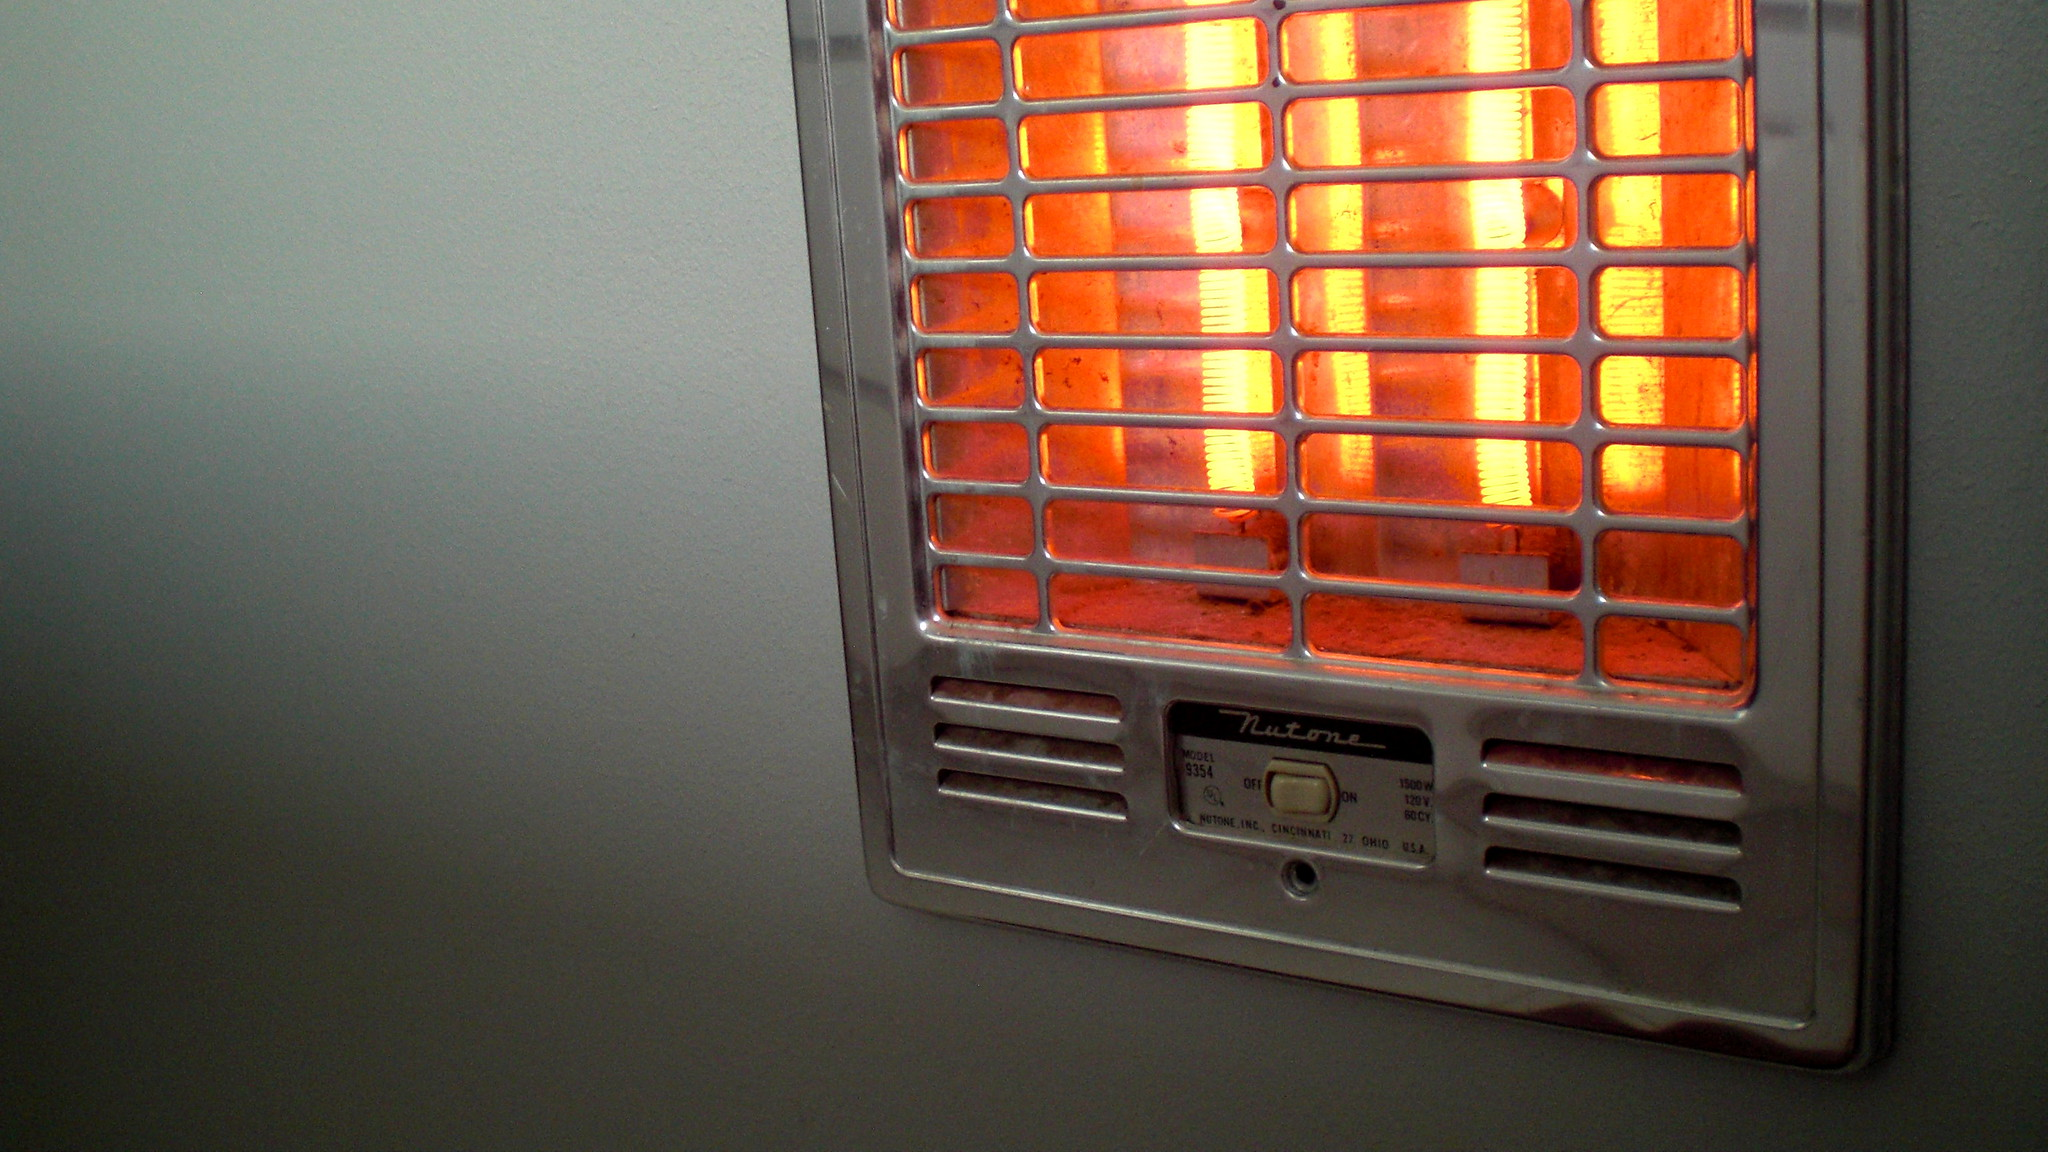 Los calefactores infrarrojos son una fuente de calor eficiente y segura.